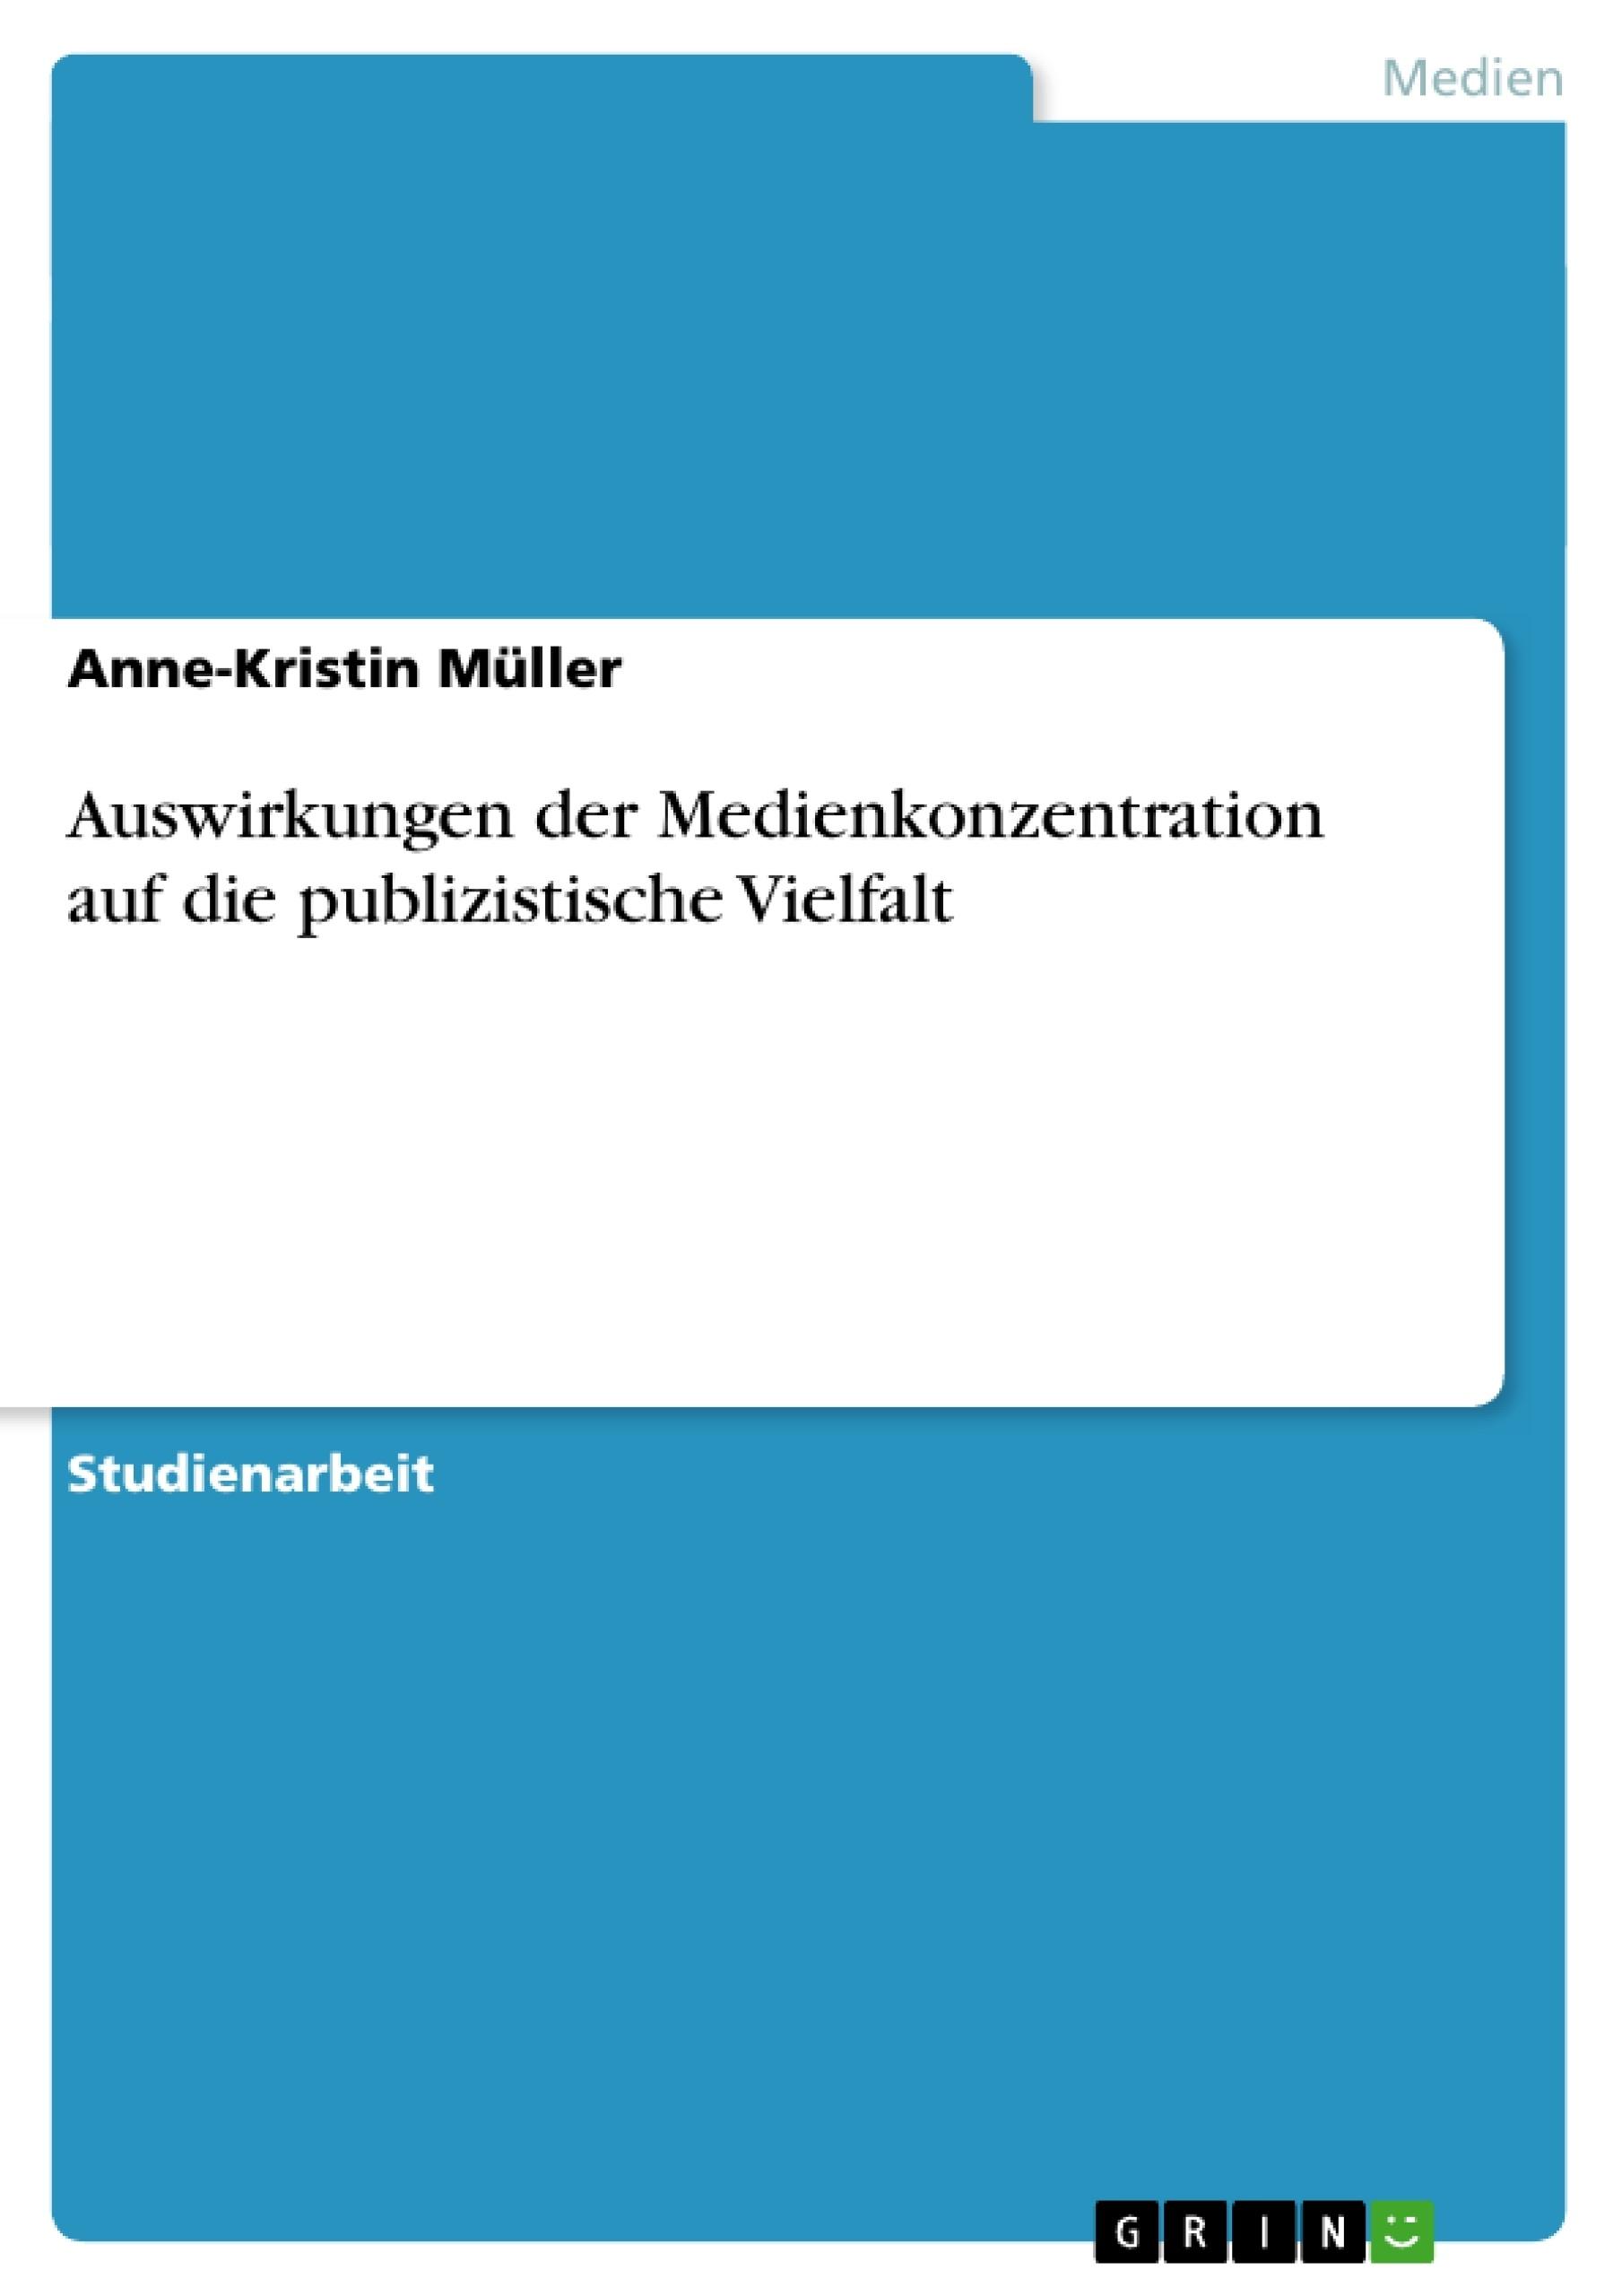 Titel: Auswirkungen der Medienkonzentration auf die publizistische Vielfalt